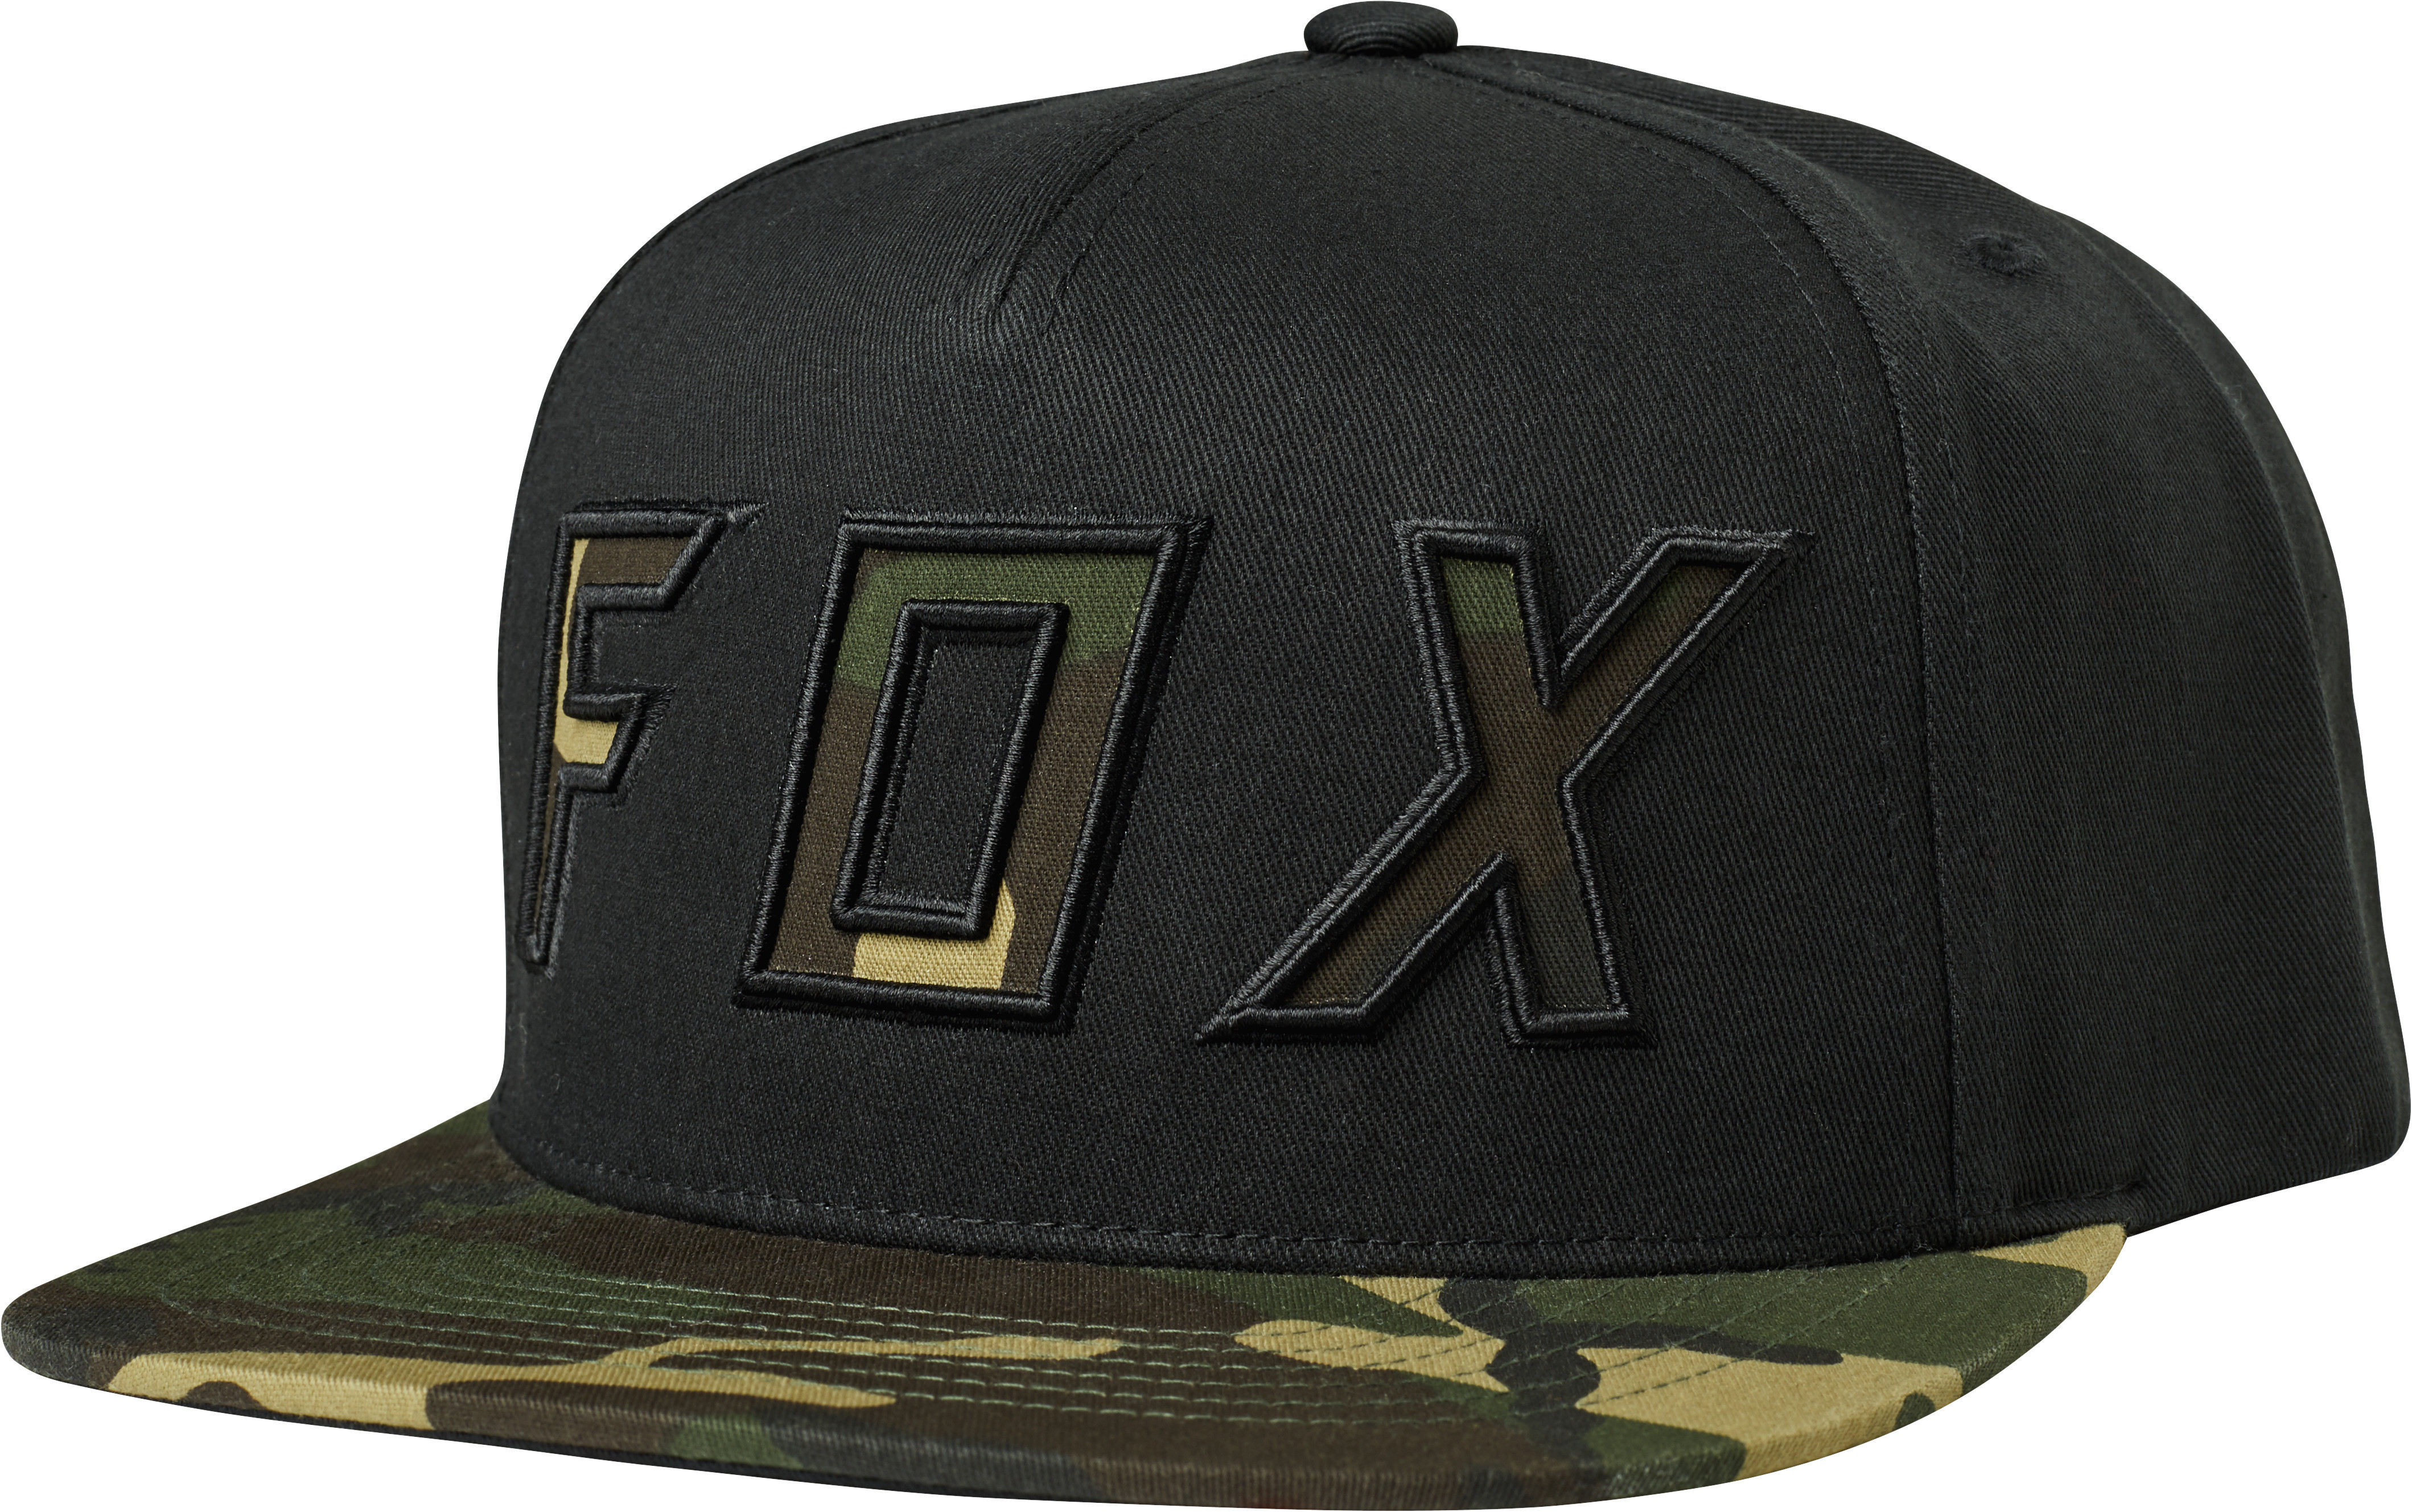 Camisetas y gorras fox para vestir y para bici en thebikevillage.com 01c04a0c04b